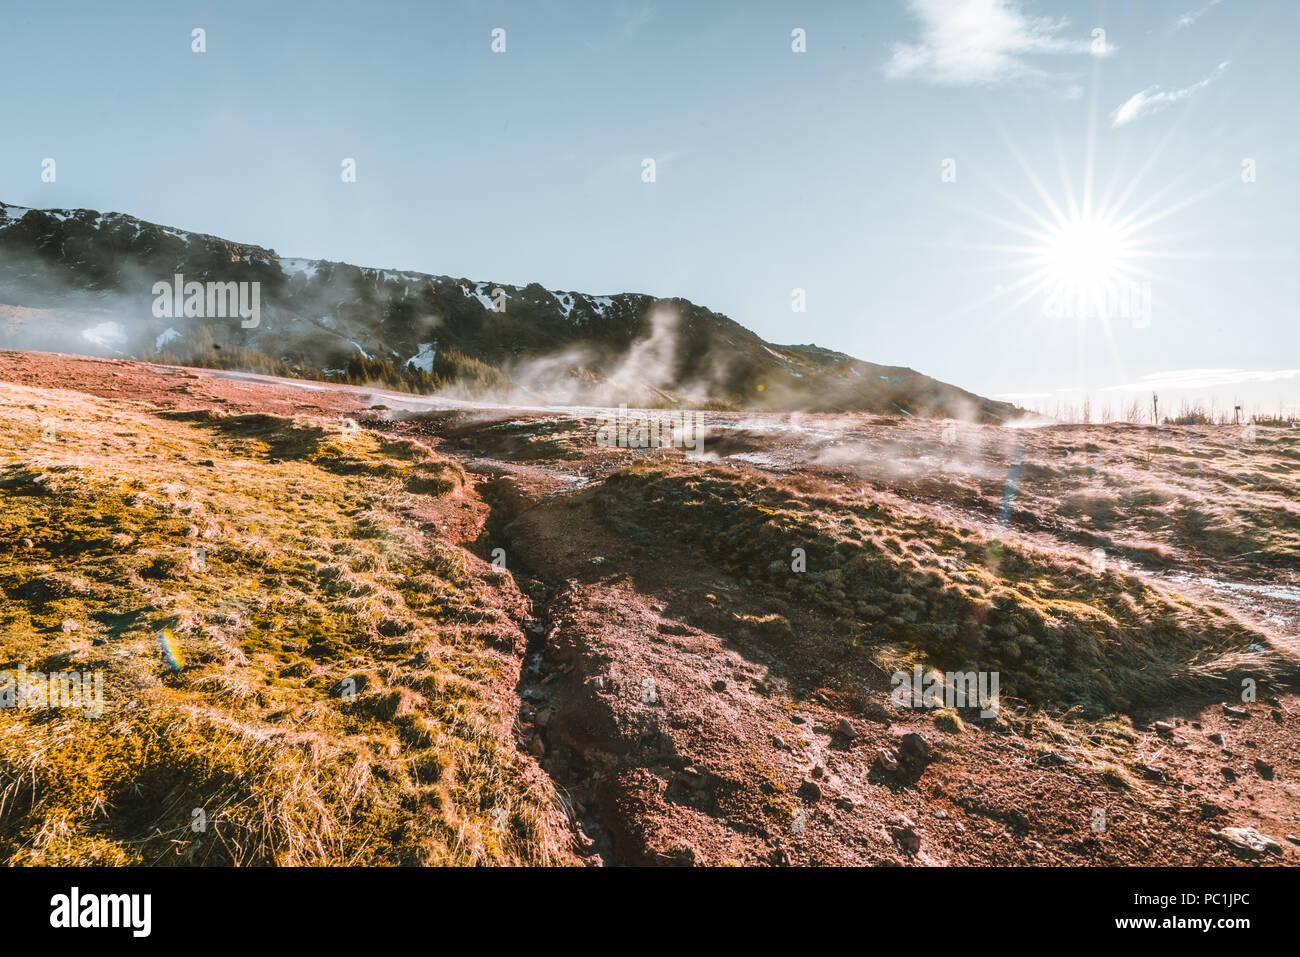 Hervir el agua y el barro en la zona geotérmica Reykjadalur Valley en el sur de Islandia Imagen De Stock